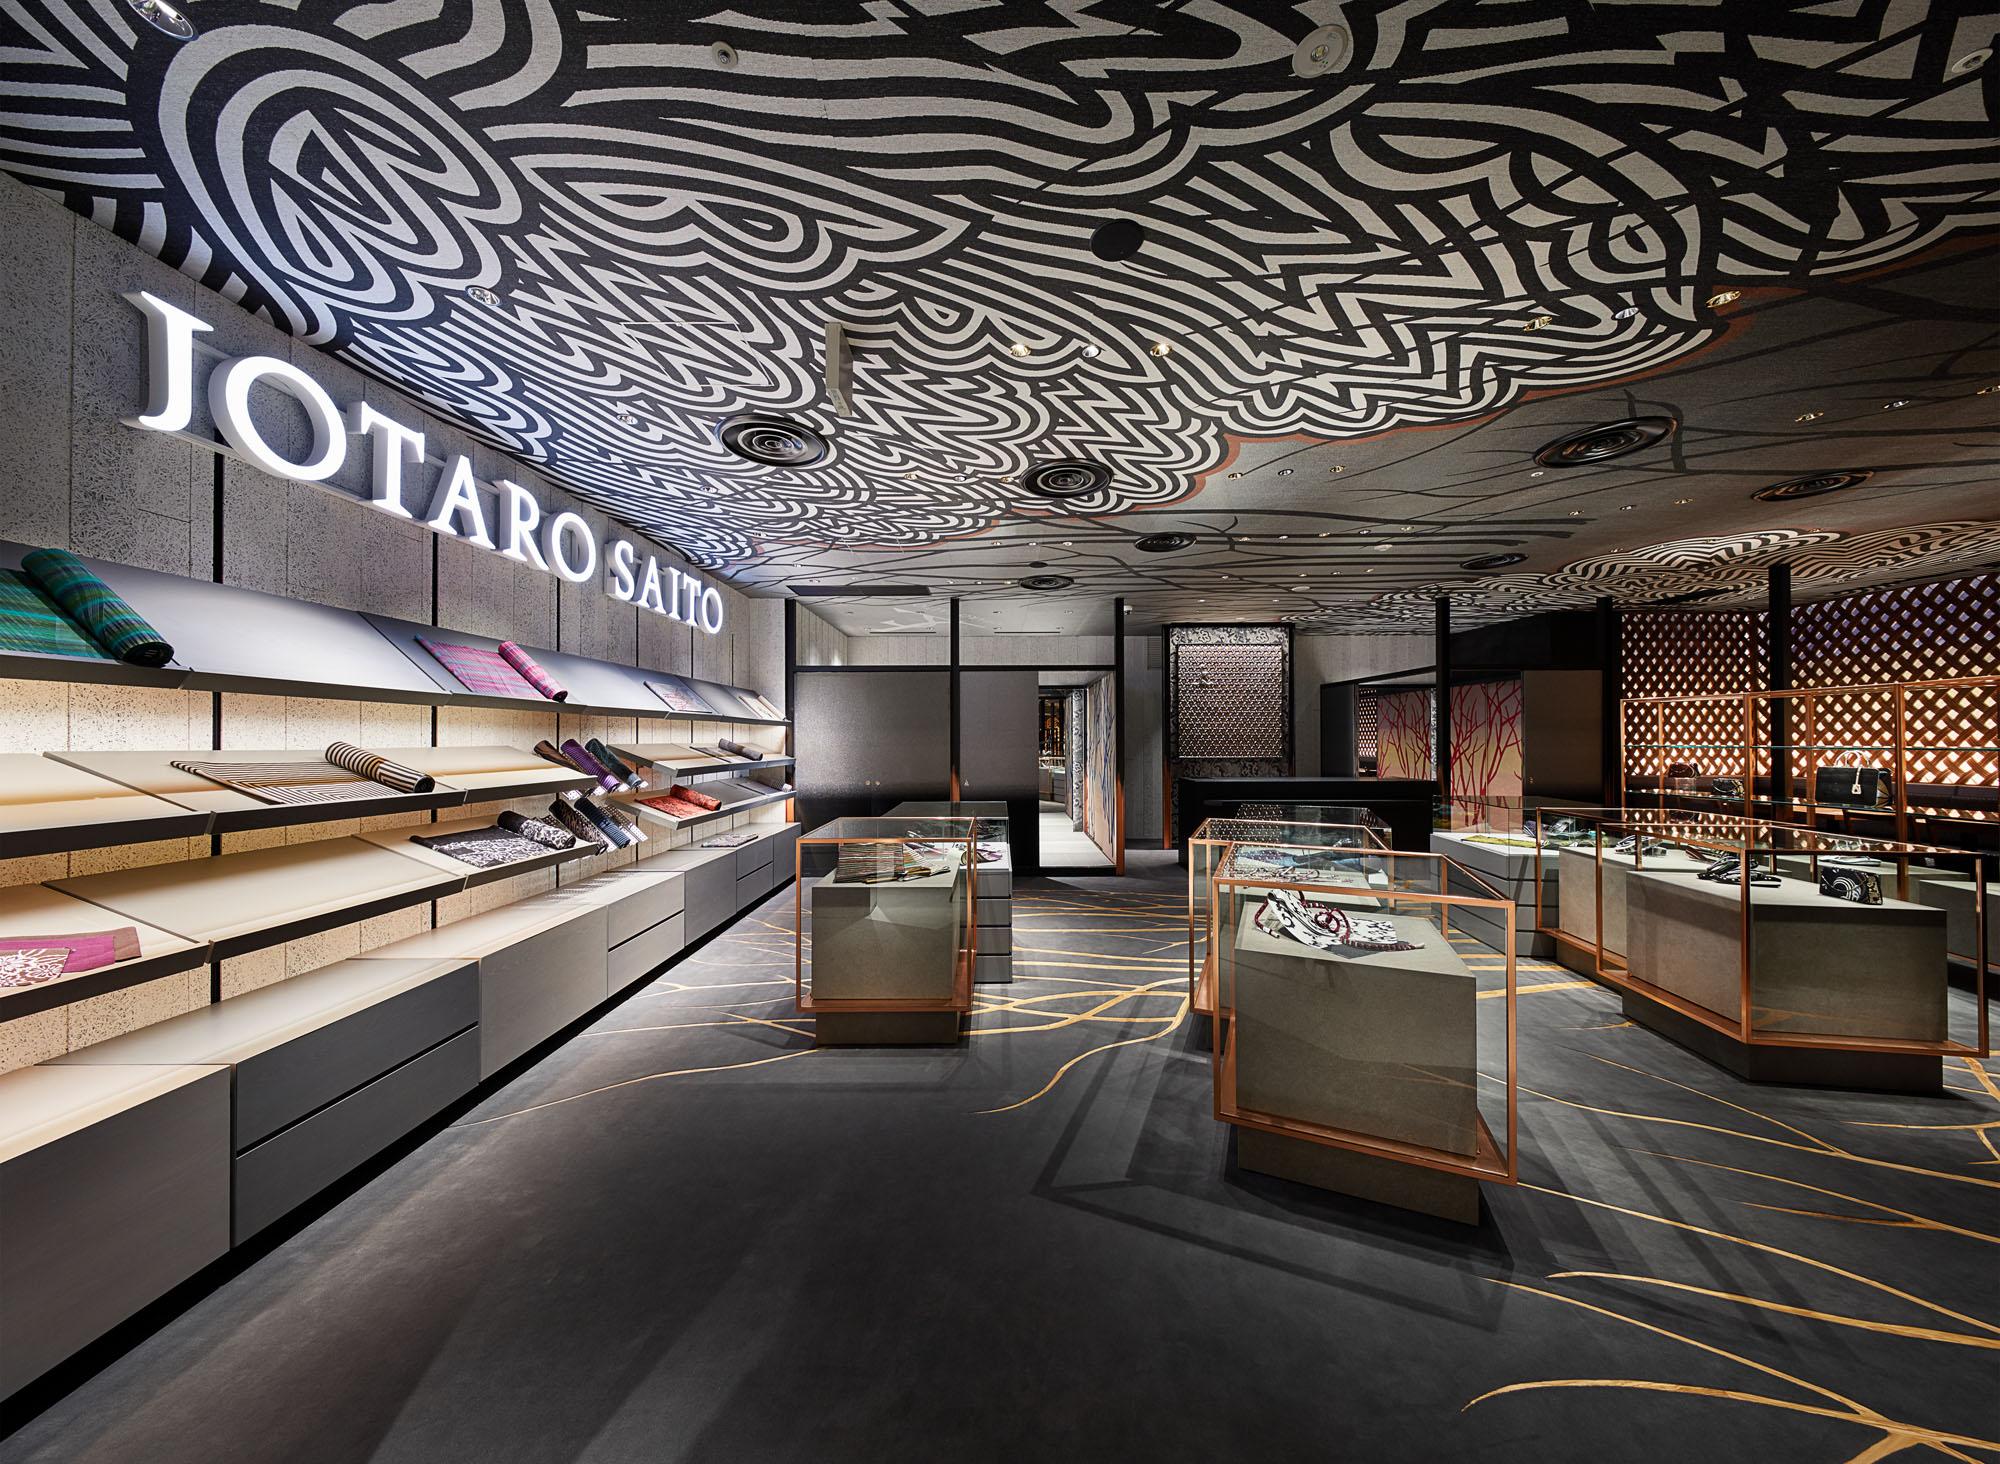 GINZA SIX内、「JOTARO SAITO 銀座店」。ミステリアスな入り口から奥へと進むと、ブランドの世界観が広々とした空間に広がっている